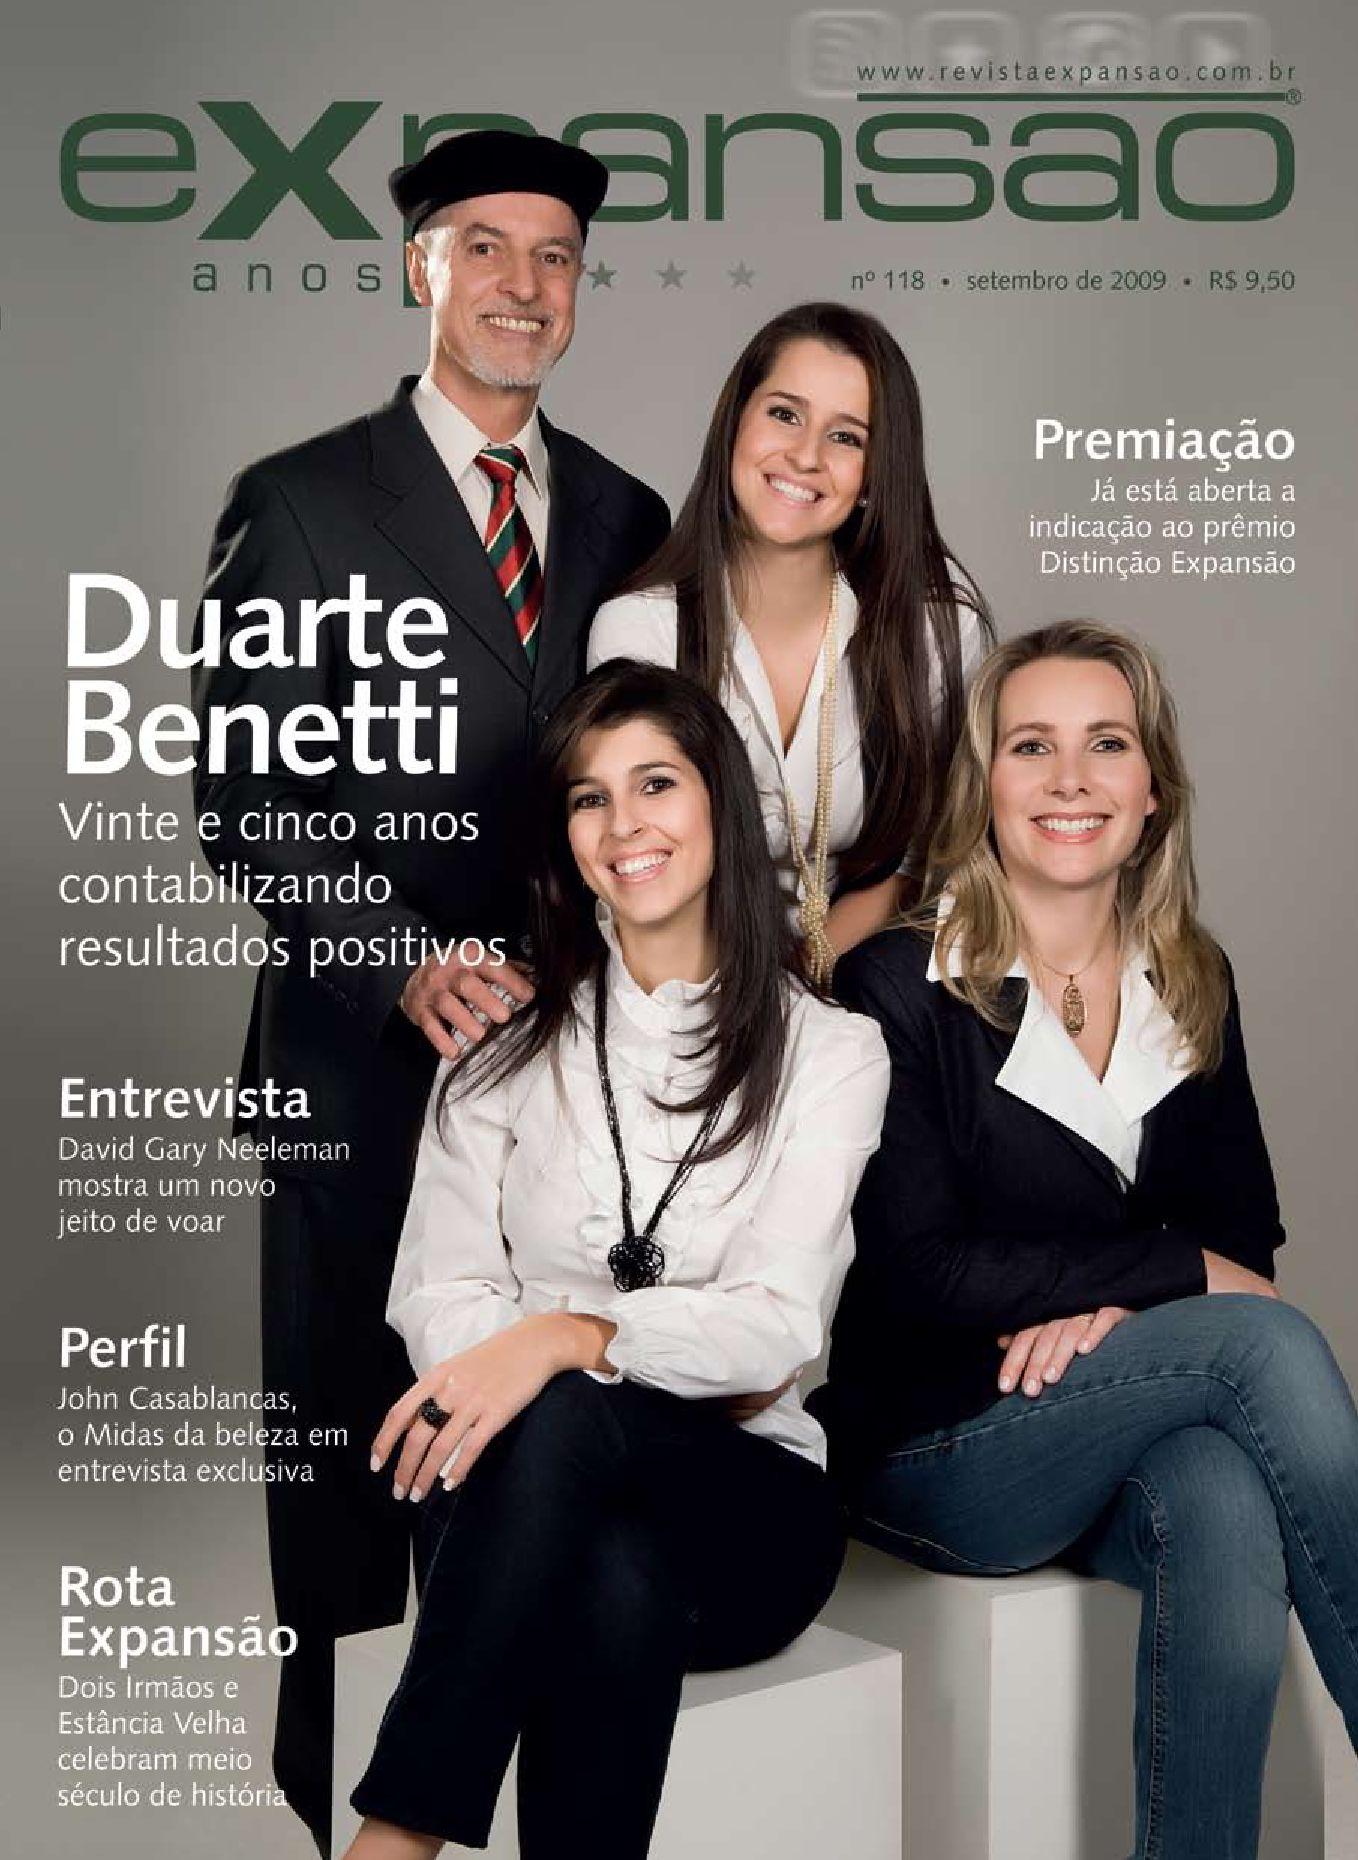 b5ed92dd002 Revista Expansão - Edição 118 by Revista Expansão 10 anos - issuu